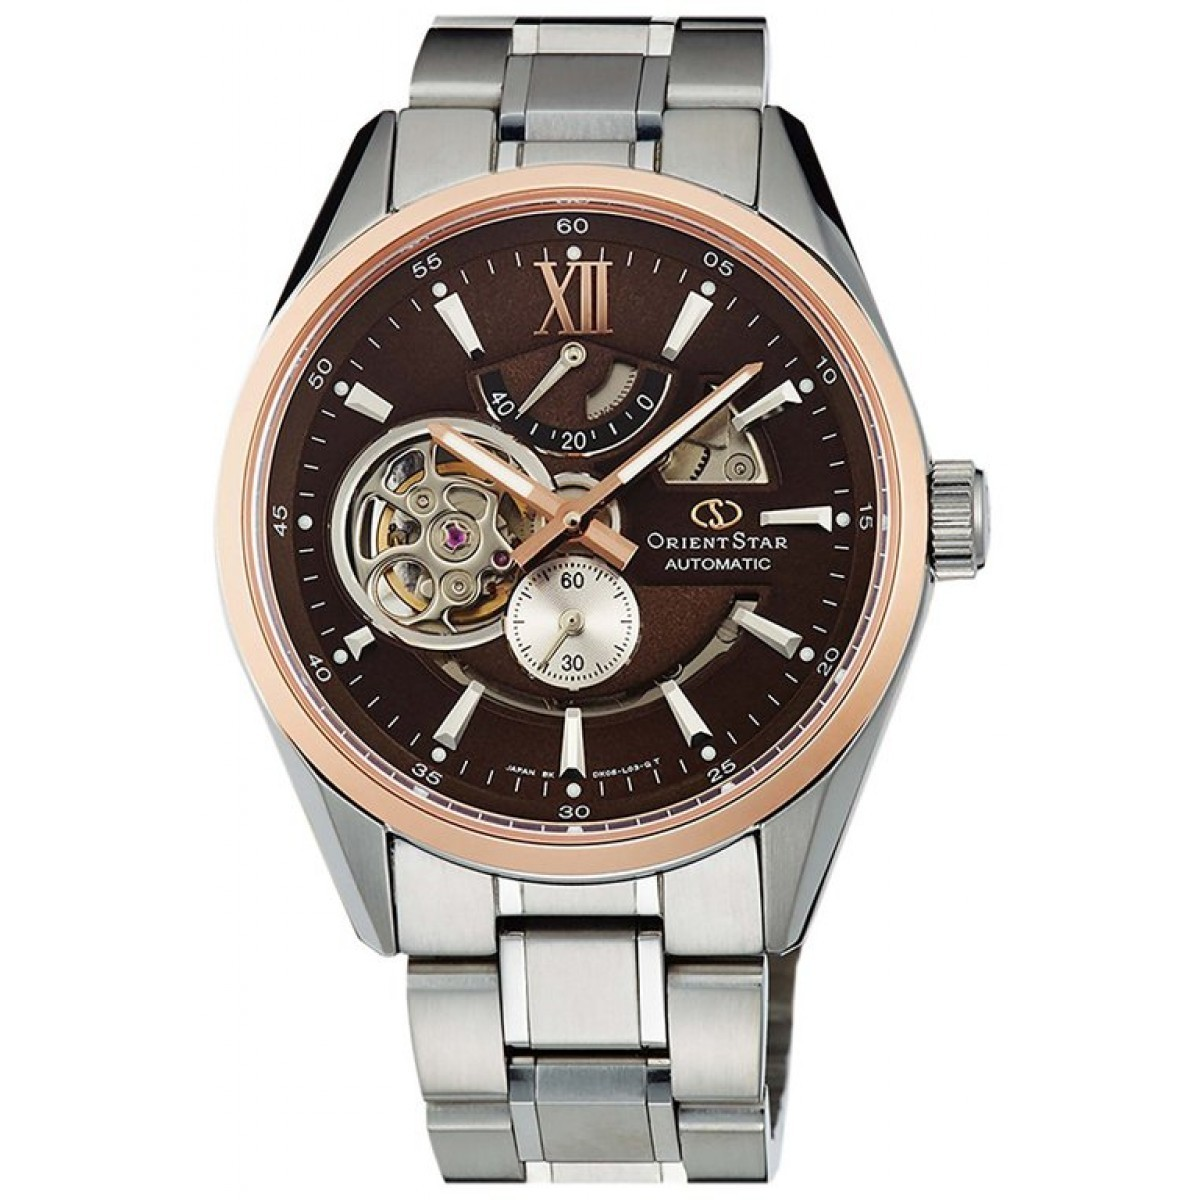 Orient DK05005T / SDK05005T0 - мужские наручные часыORIENT<br><br><br>Бренд: ORIENT<br>Модель: ORIENT DK05005T<br>Артикул: DK05005T<br>Вариант артикула: SDK05005T0<br>Коллекция: None<br>Подколлекция: None<br>Страна: Япония<br>Пол: мужские<br>Тип механизма: механические<br>Механизм: None<br>Количество камней: None<br>Автоподзавод: есть<br>Источник энергии: пружинный механизм<br>Срок службы элемента питания: None<br>Дисплей: стрелки<br>Цифры: римские<br>Водозащита: WR 100<br>Противоударные: None<br>Материал корпуса: нерж. сталь, покрытие: позолота (частичное)<br>Материал браслета: нерж. сталь<br>Материал безеля: None<br>Стекло: сапфировое<br>Антибликовое покрытие: None<br>Цвет корпуса: None<br>Цвет браслета: None<br>Цвет циферблата: None<br>Цвет безеля: None<br>Размеры: 41 мм<br>Диаметр: None<br>Диаметр корпуса: None<br>Толщина: None<br>Ширина ремешка: None<br>Вес: None<br>Спорт-функции: None<br>Подсветка: стрелок<br>Вставка: None<br>Отображение даты: None<br>Хронограф: None<br>Таймер: None<br>Термометр: None<br>Хронометр: None<br>GPS: None<br>Радиосинхронизация: None<br>Барометр: None<br>Скелетон: None<br>Дополнительная информация: None<br>Дополнительные функции: None